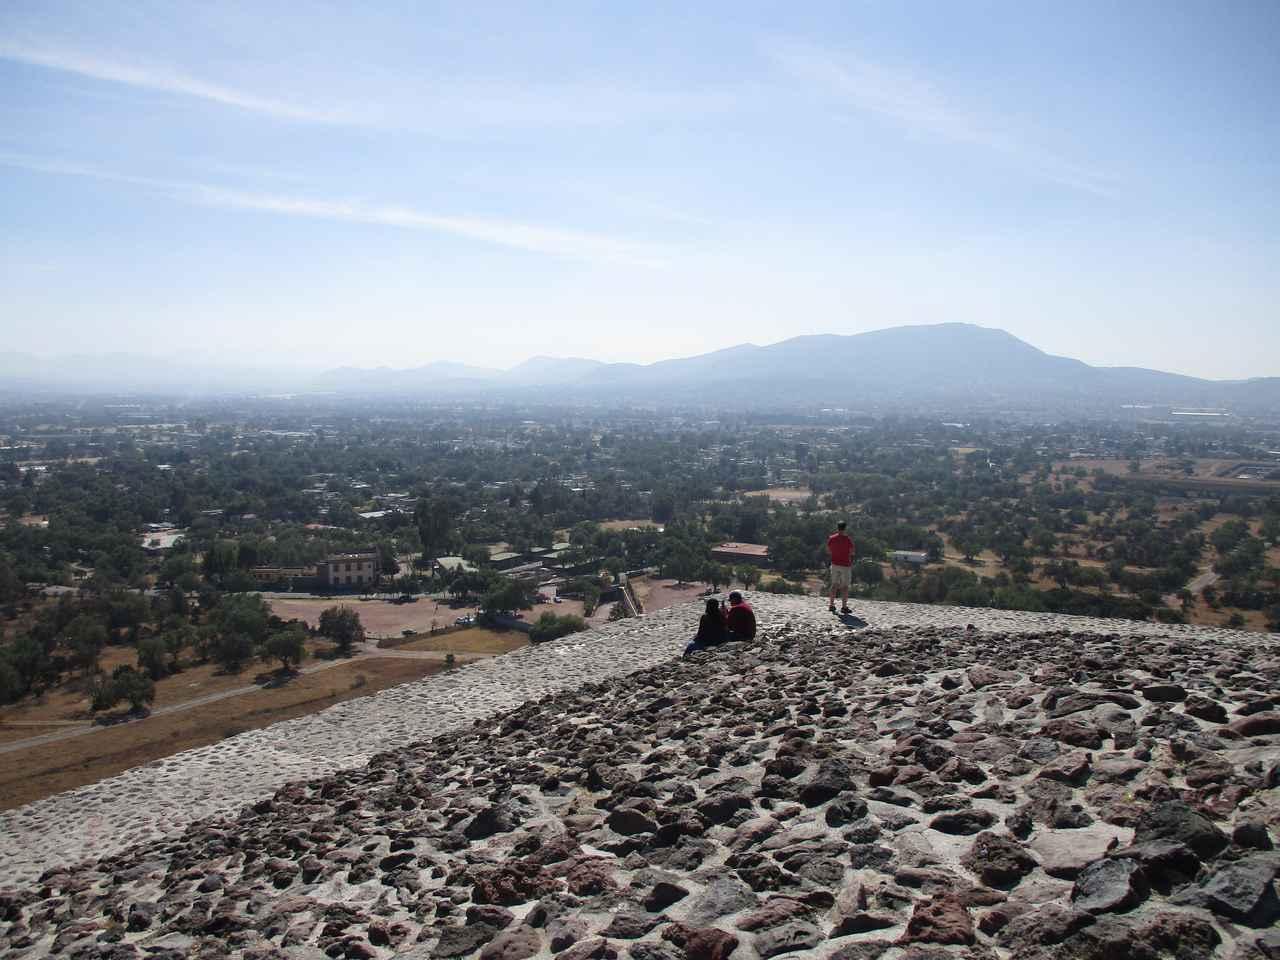 画像: テオティワカン・太陽のピラミッド頂上からの眺め(イメージ)